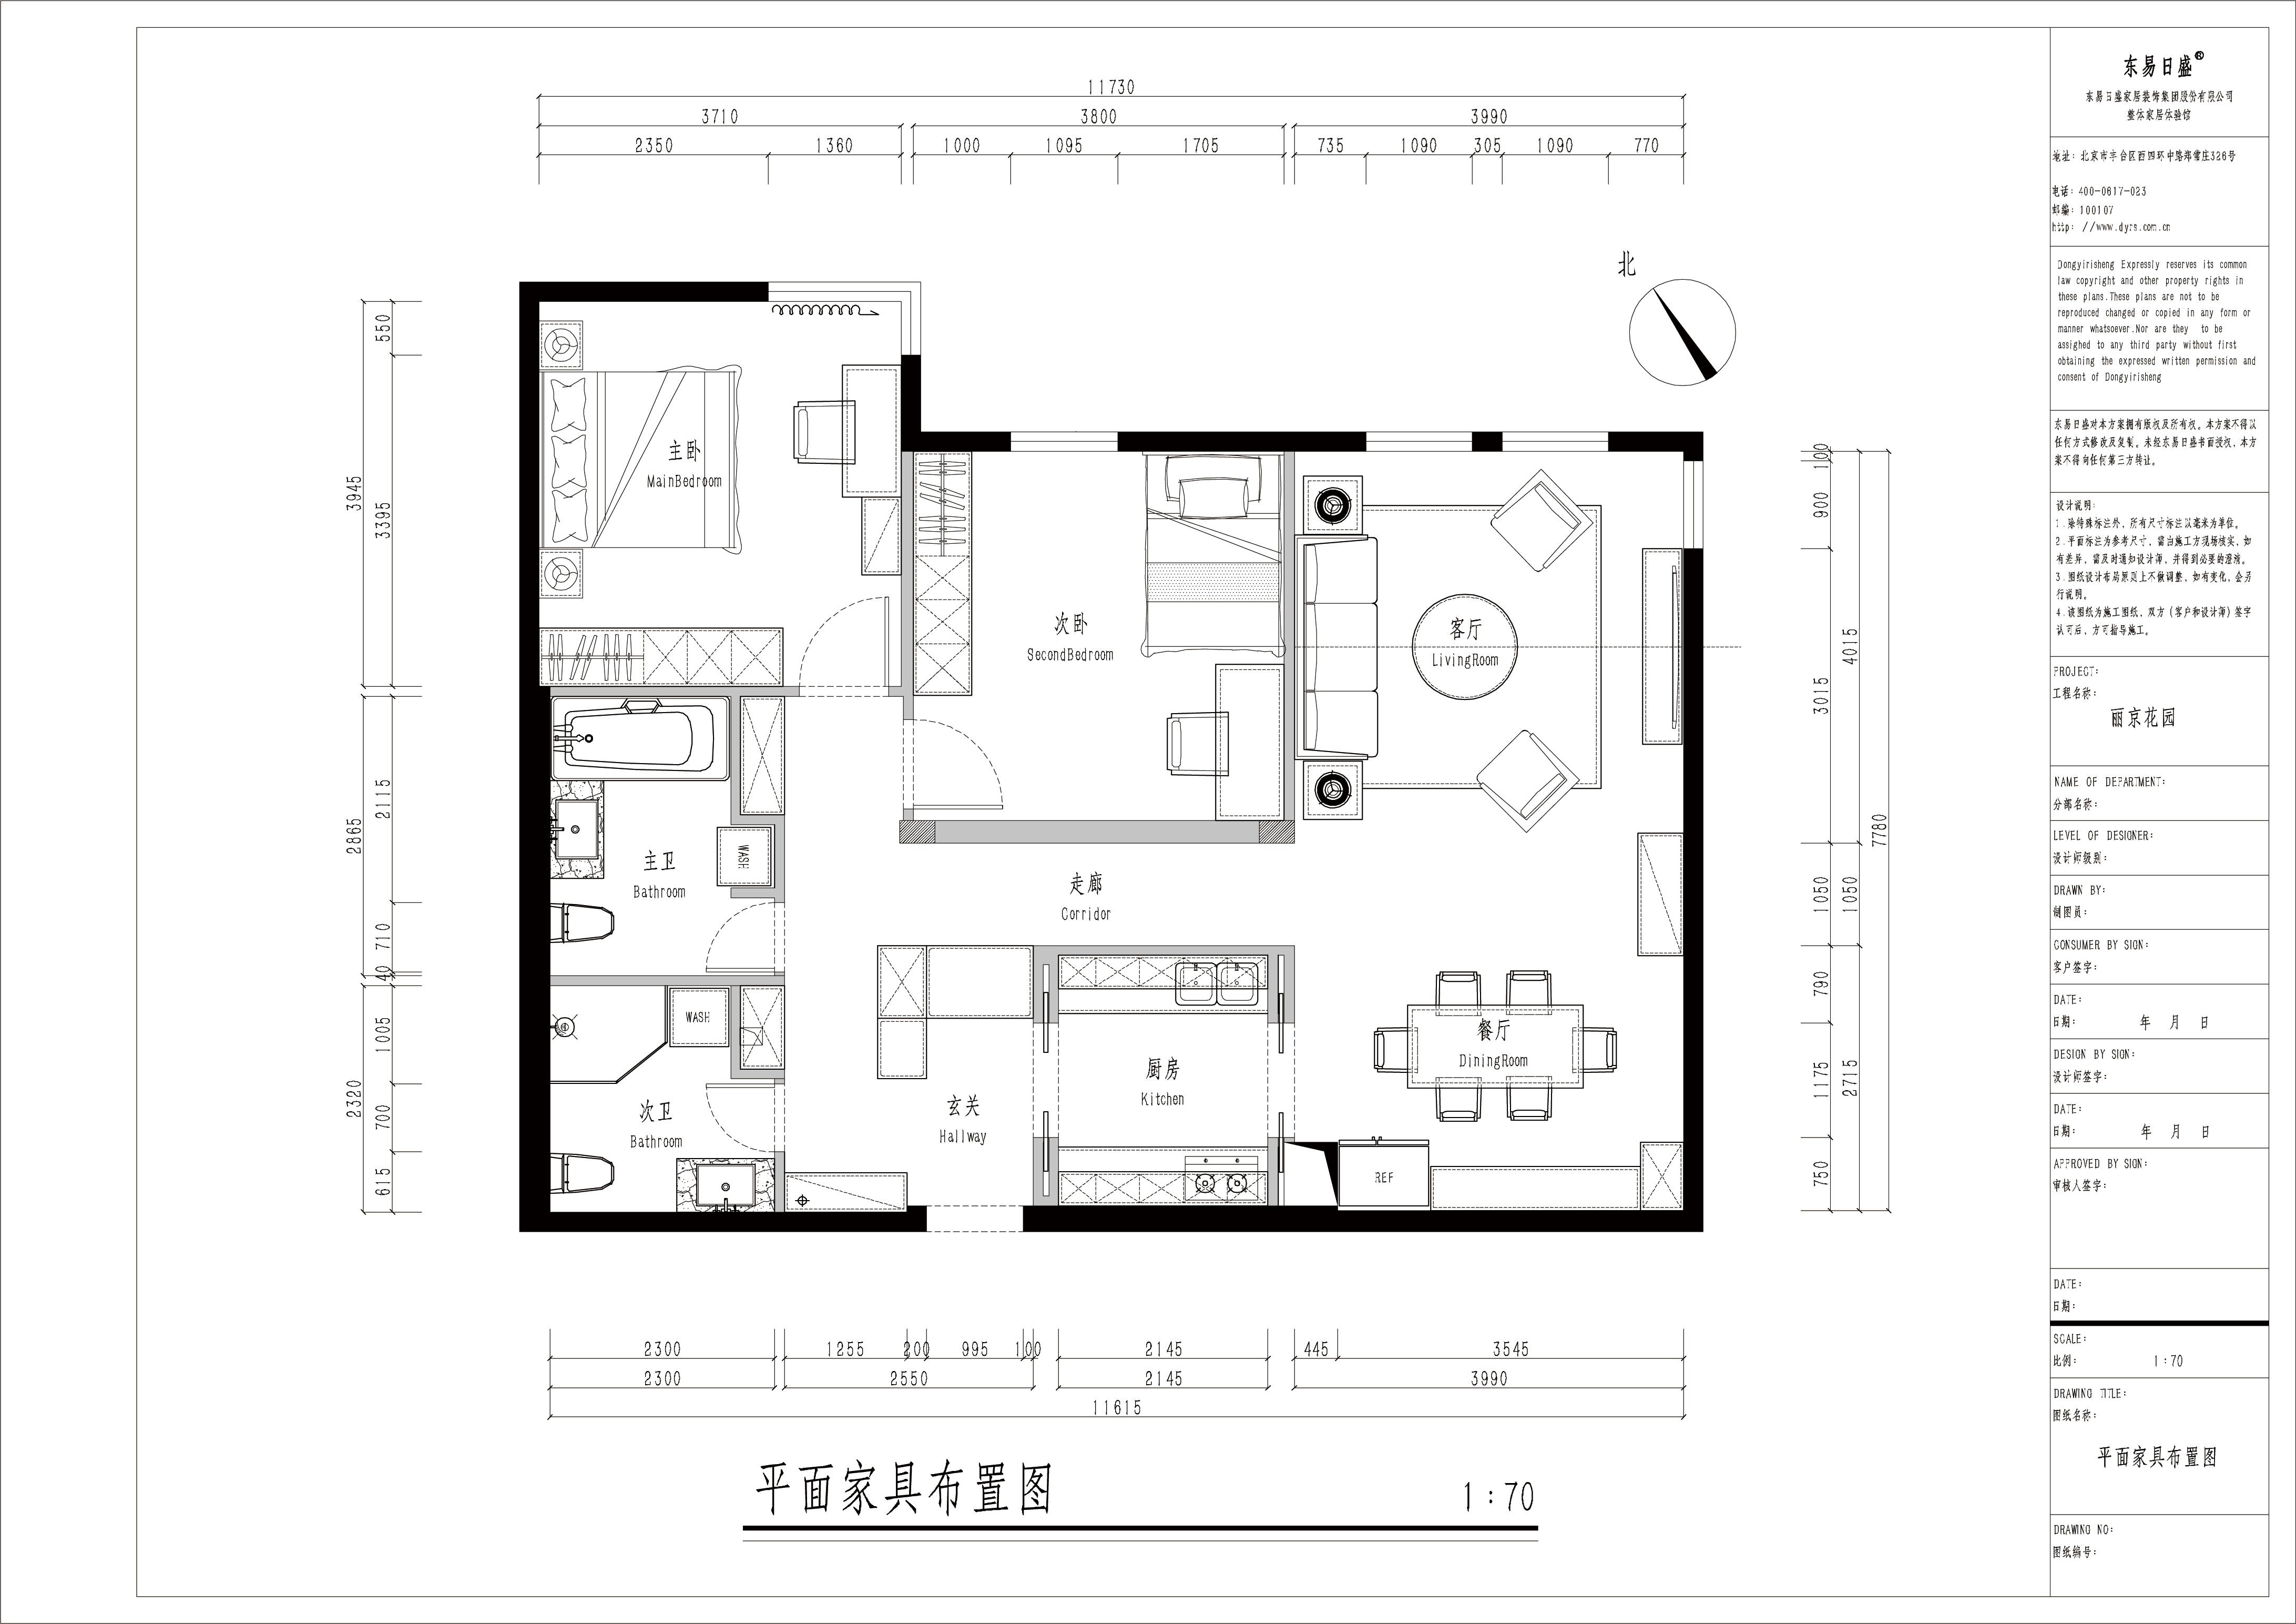 麗京花園 現代新中式 98平米裝修設計理念